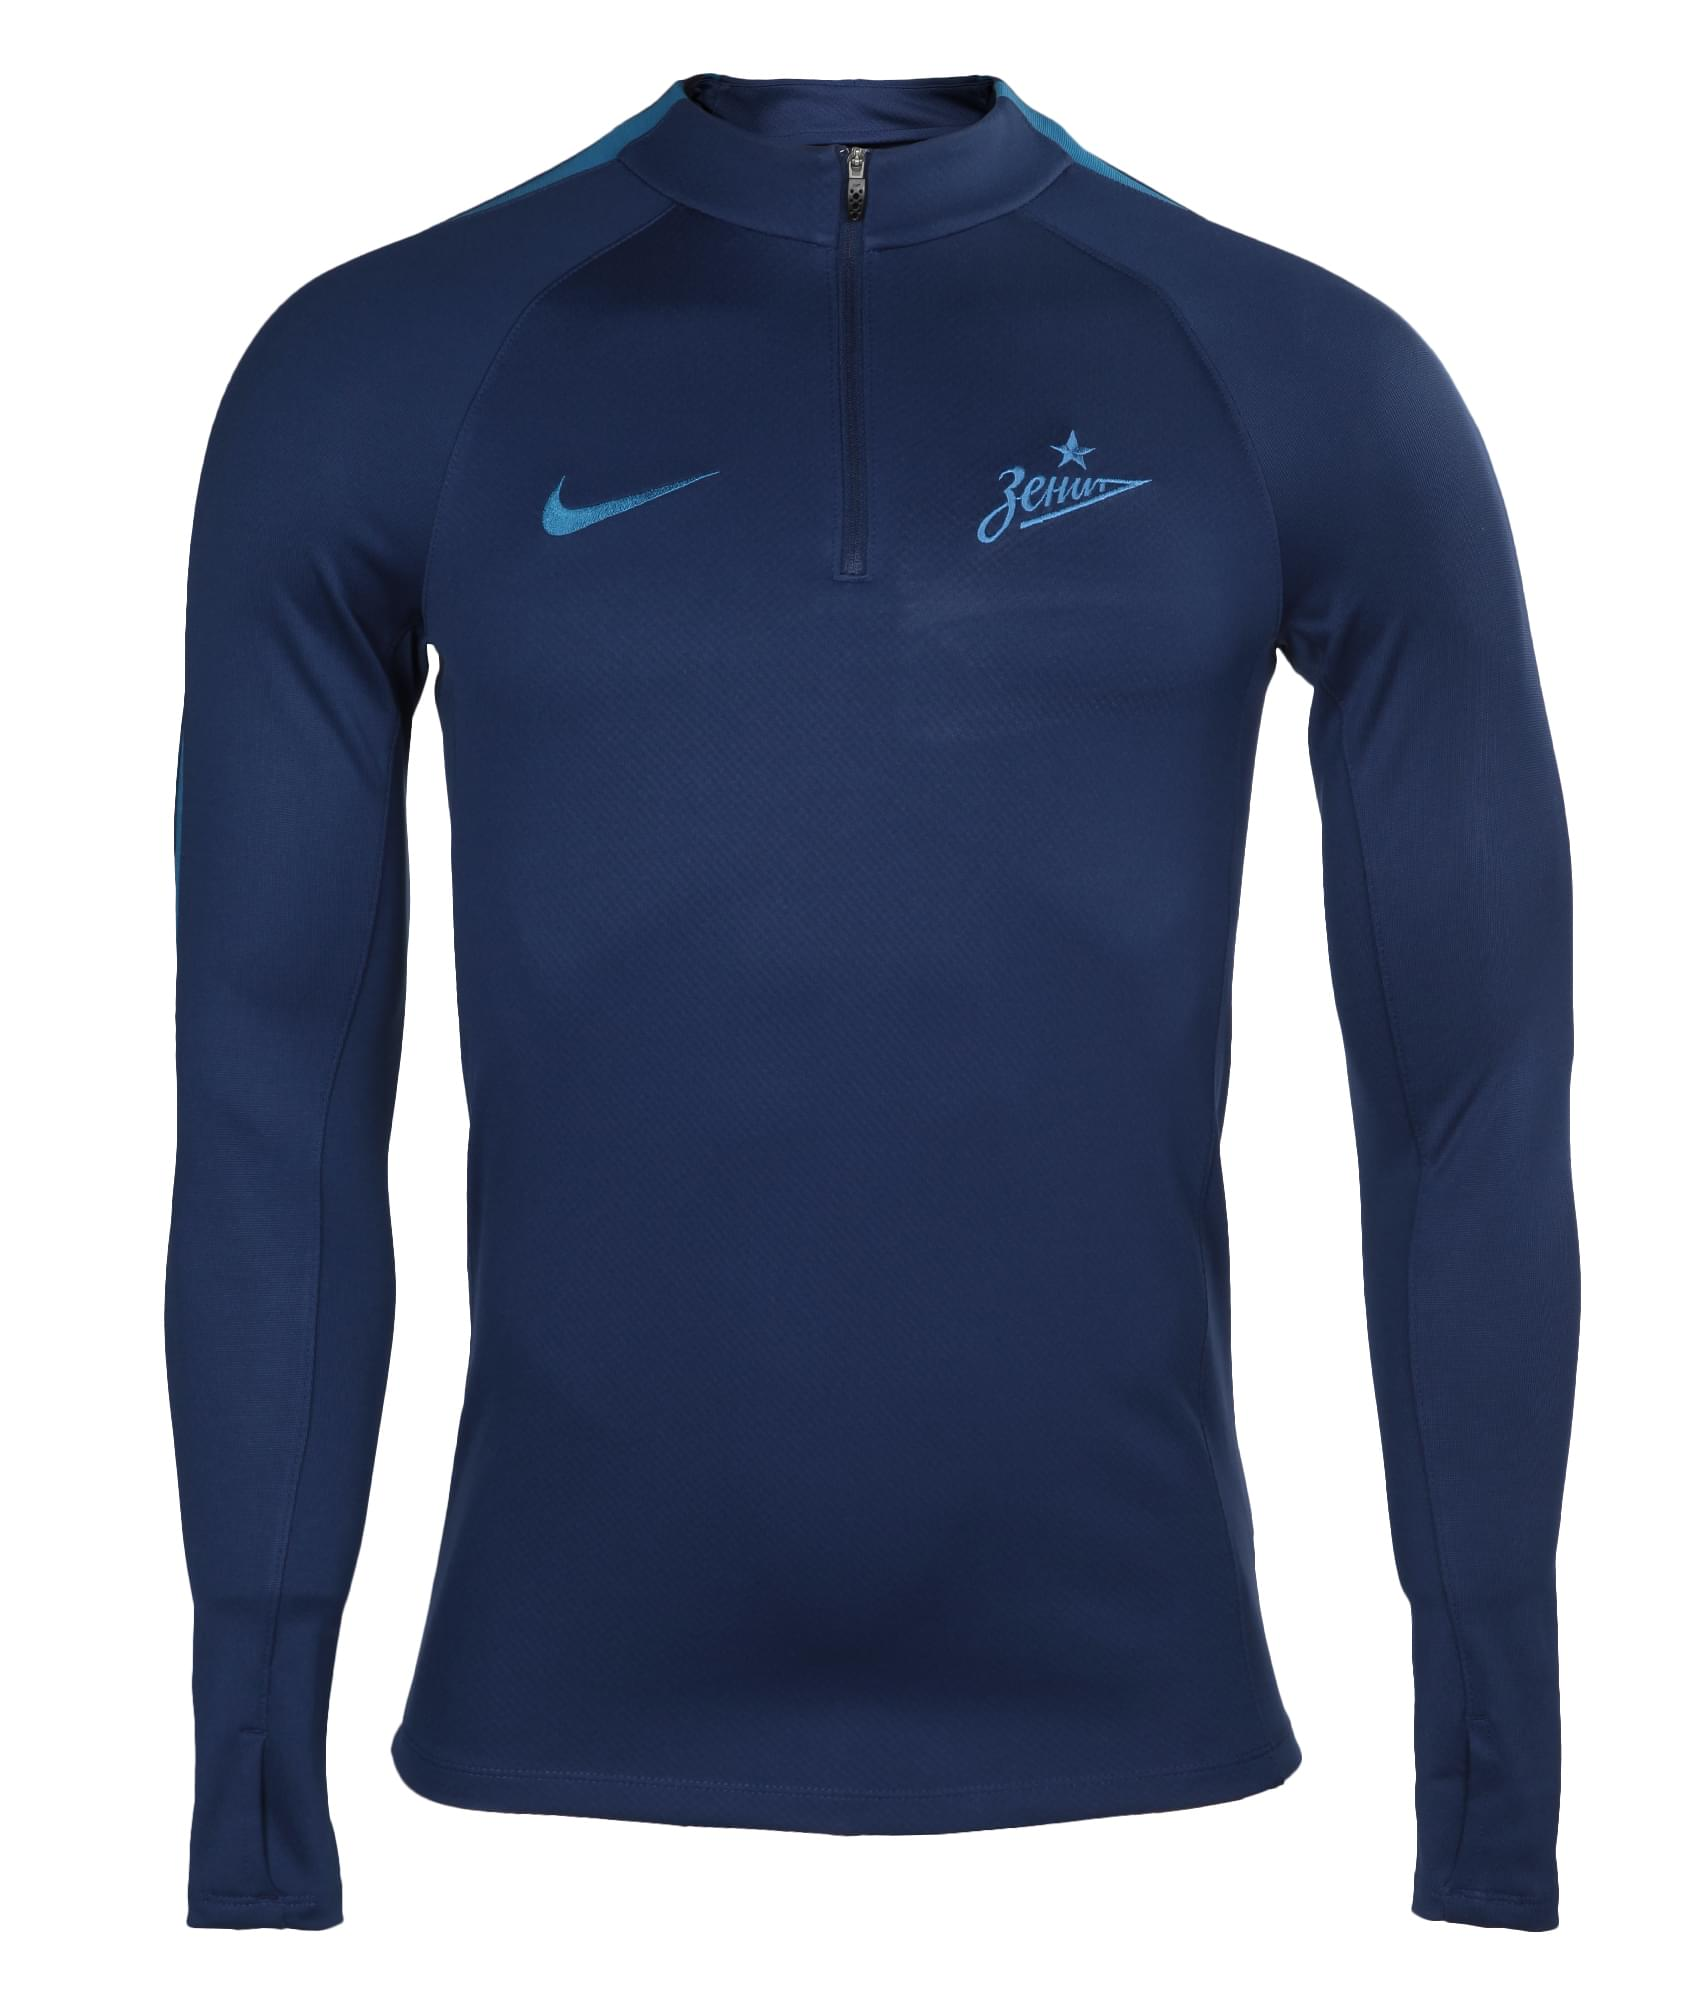 Джемпер тренировочный Nike Зенит Цвет-Темно-Синий джемпер тренировочный подростковый nike цвет темно синий размер m